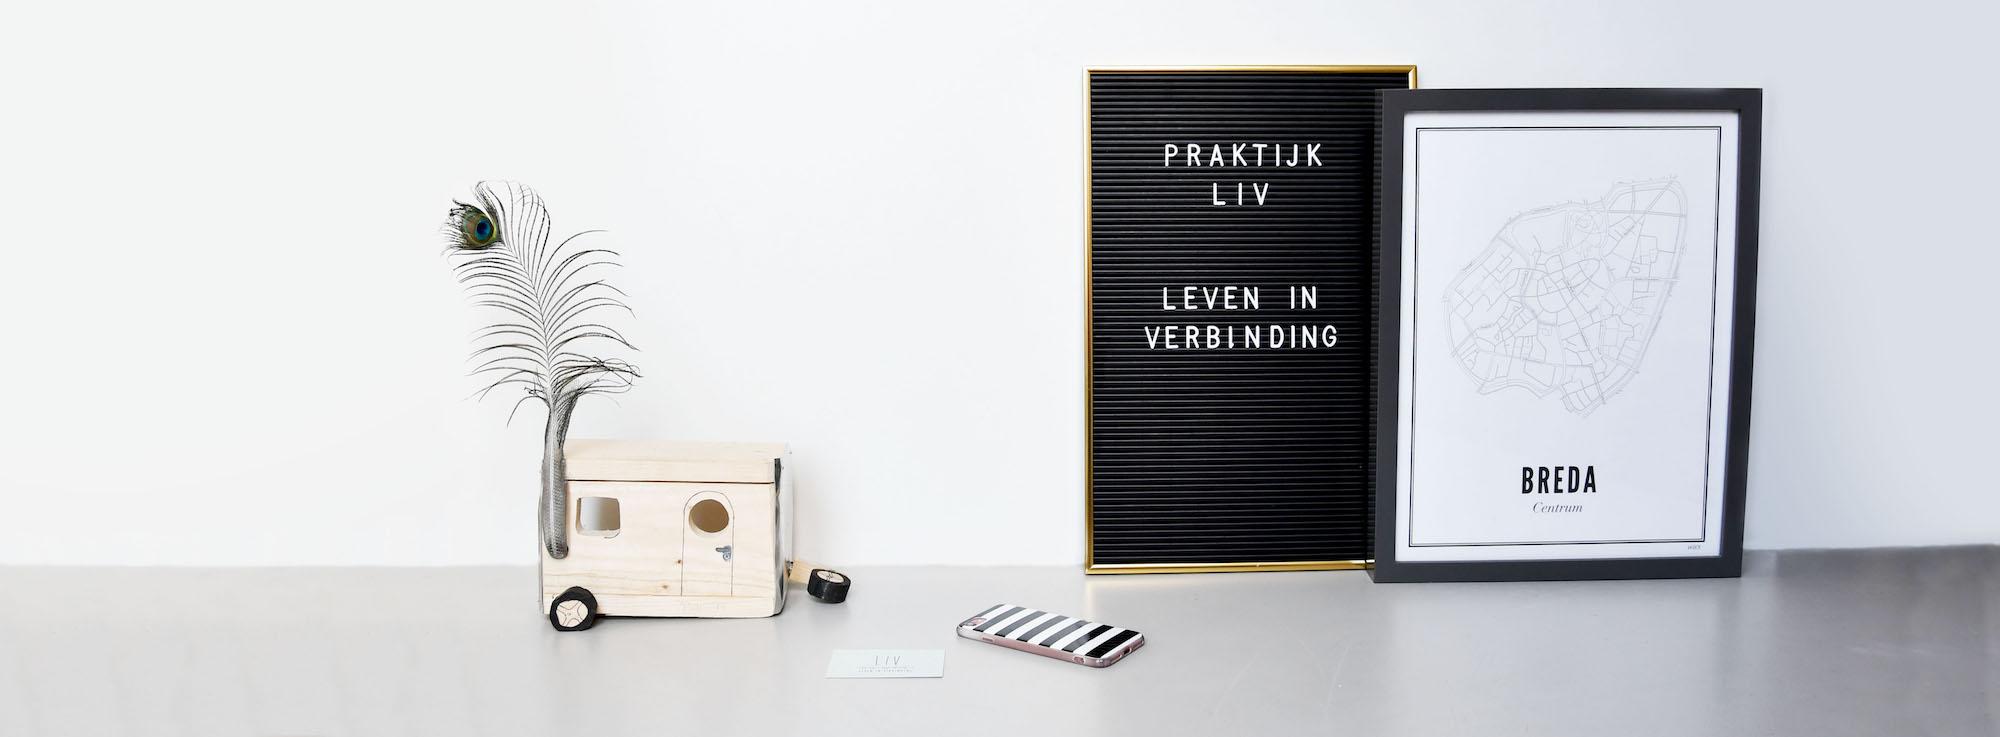 LIV-Breda-therapie-praktijkkind-jeugd-contact